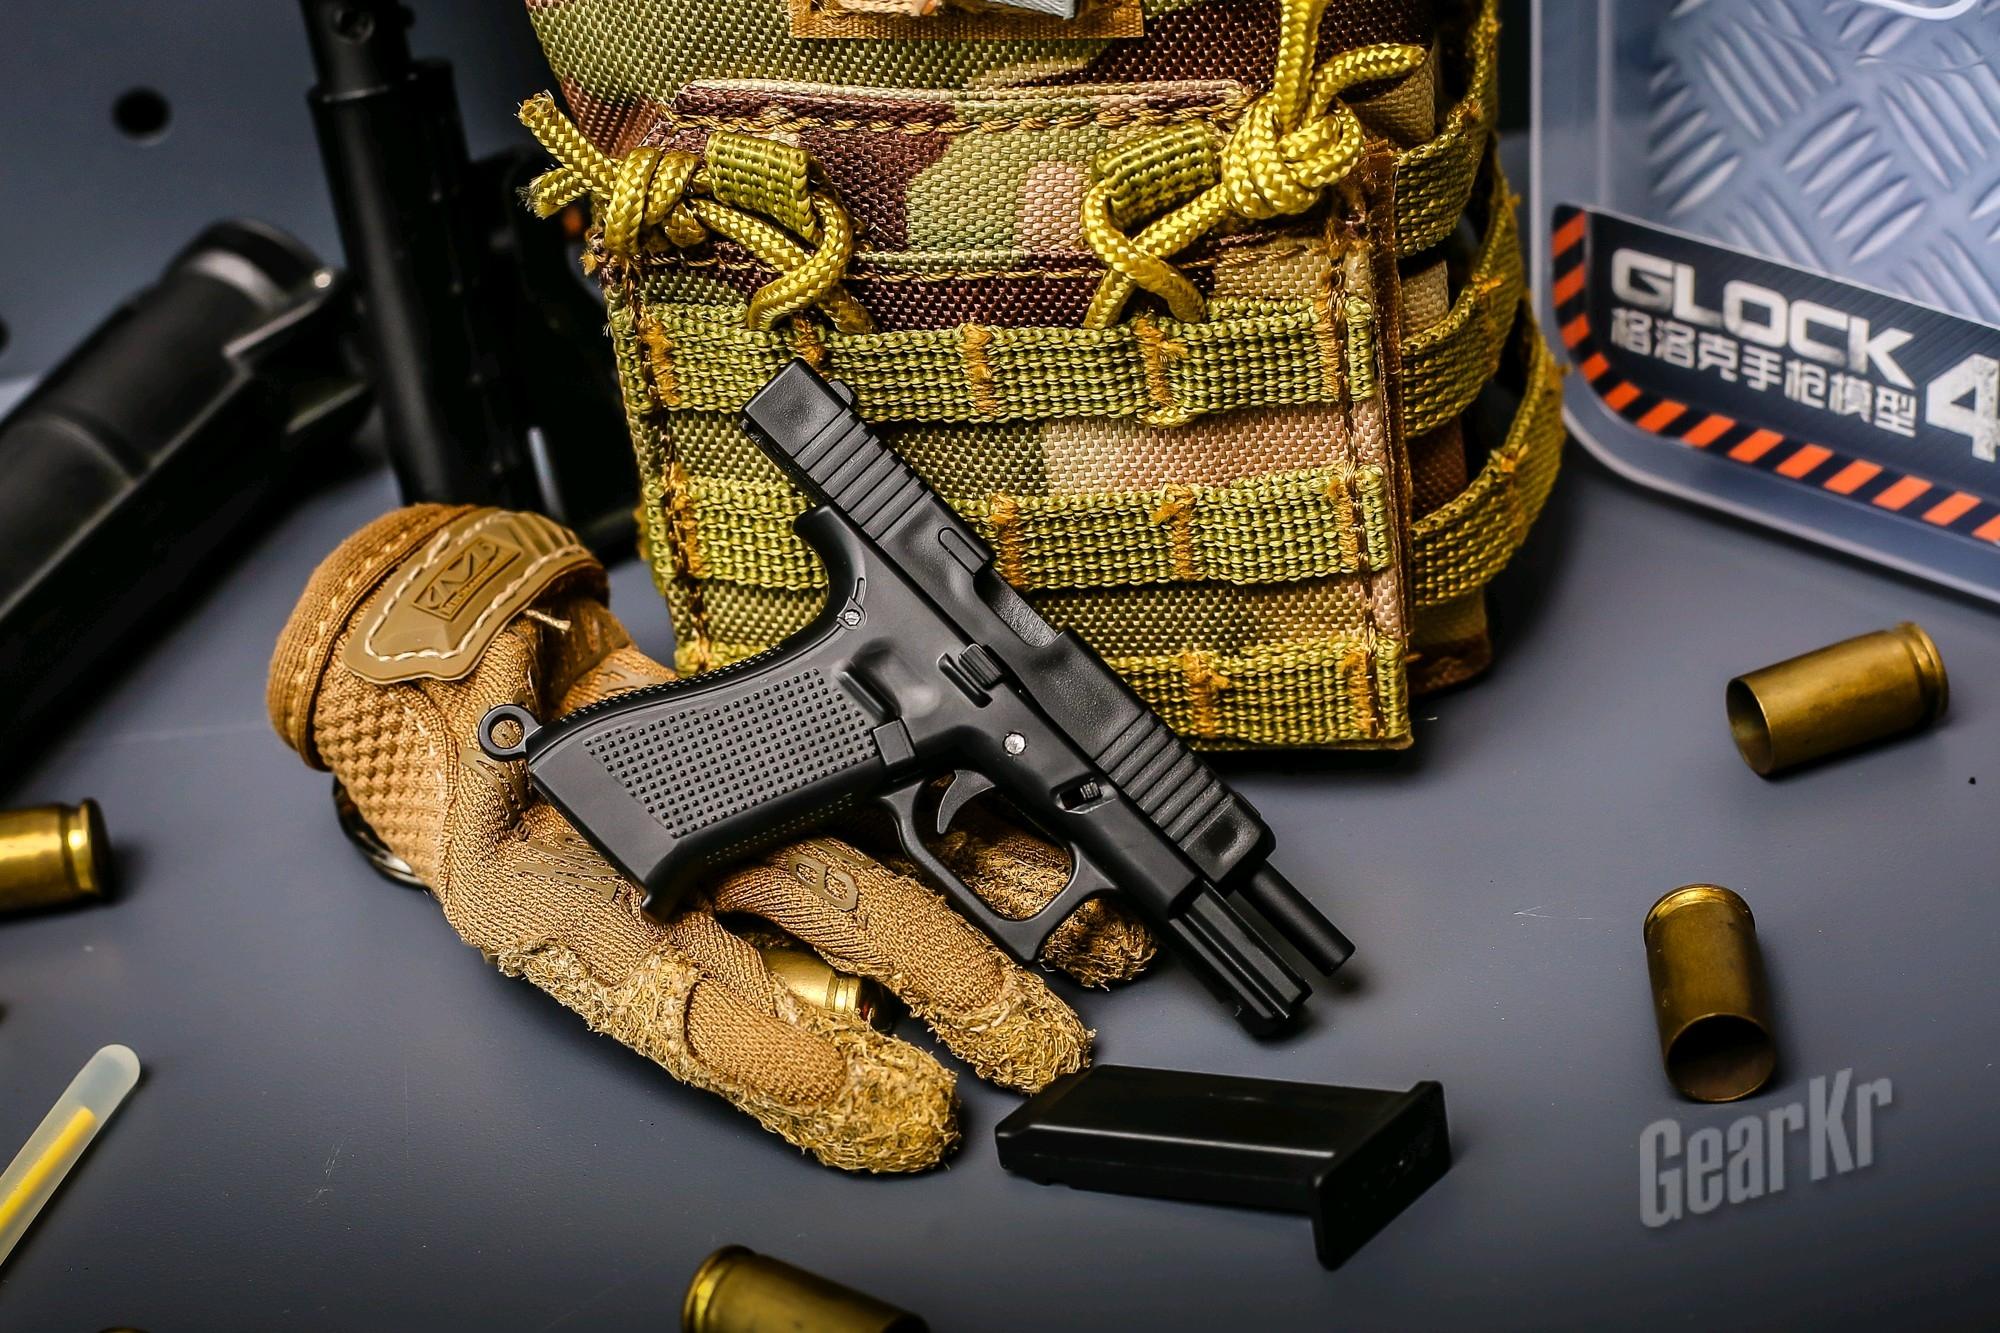 解压,多动症患者福音——黑枪HEYGUN格洛克45模型